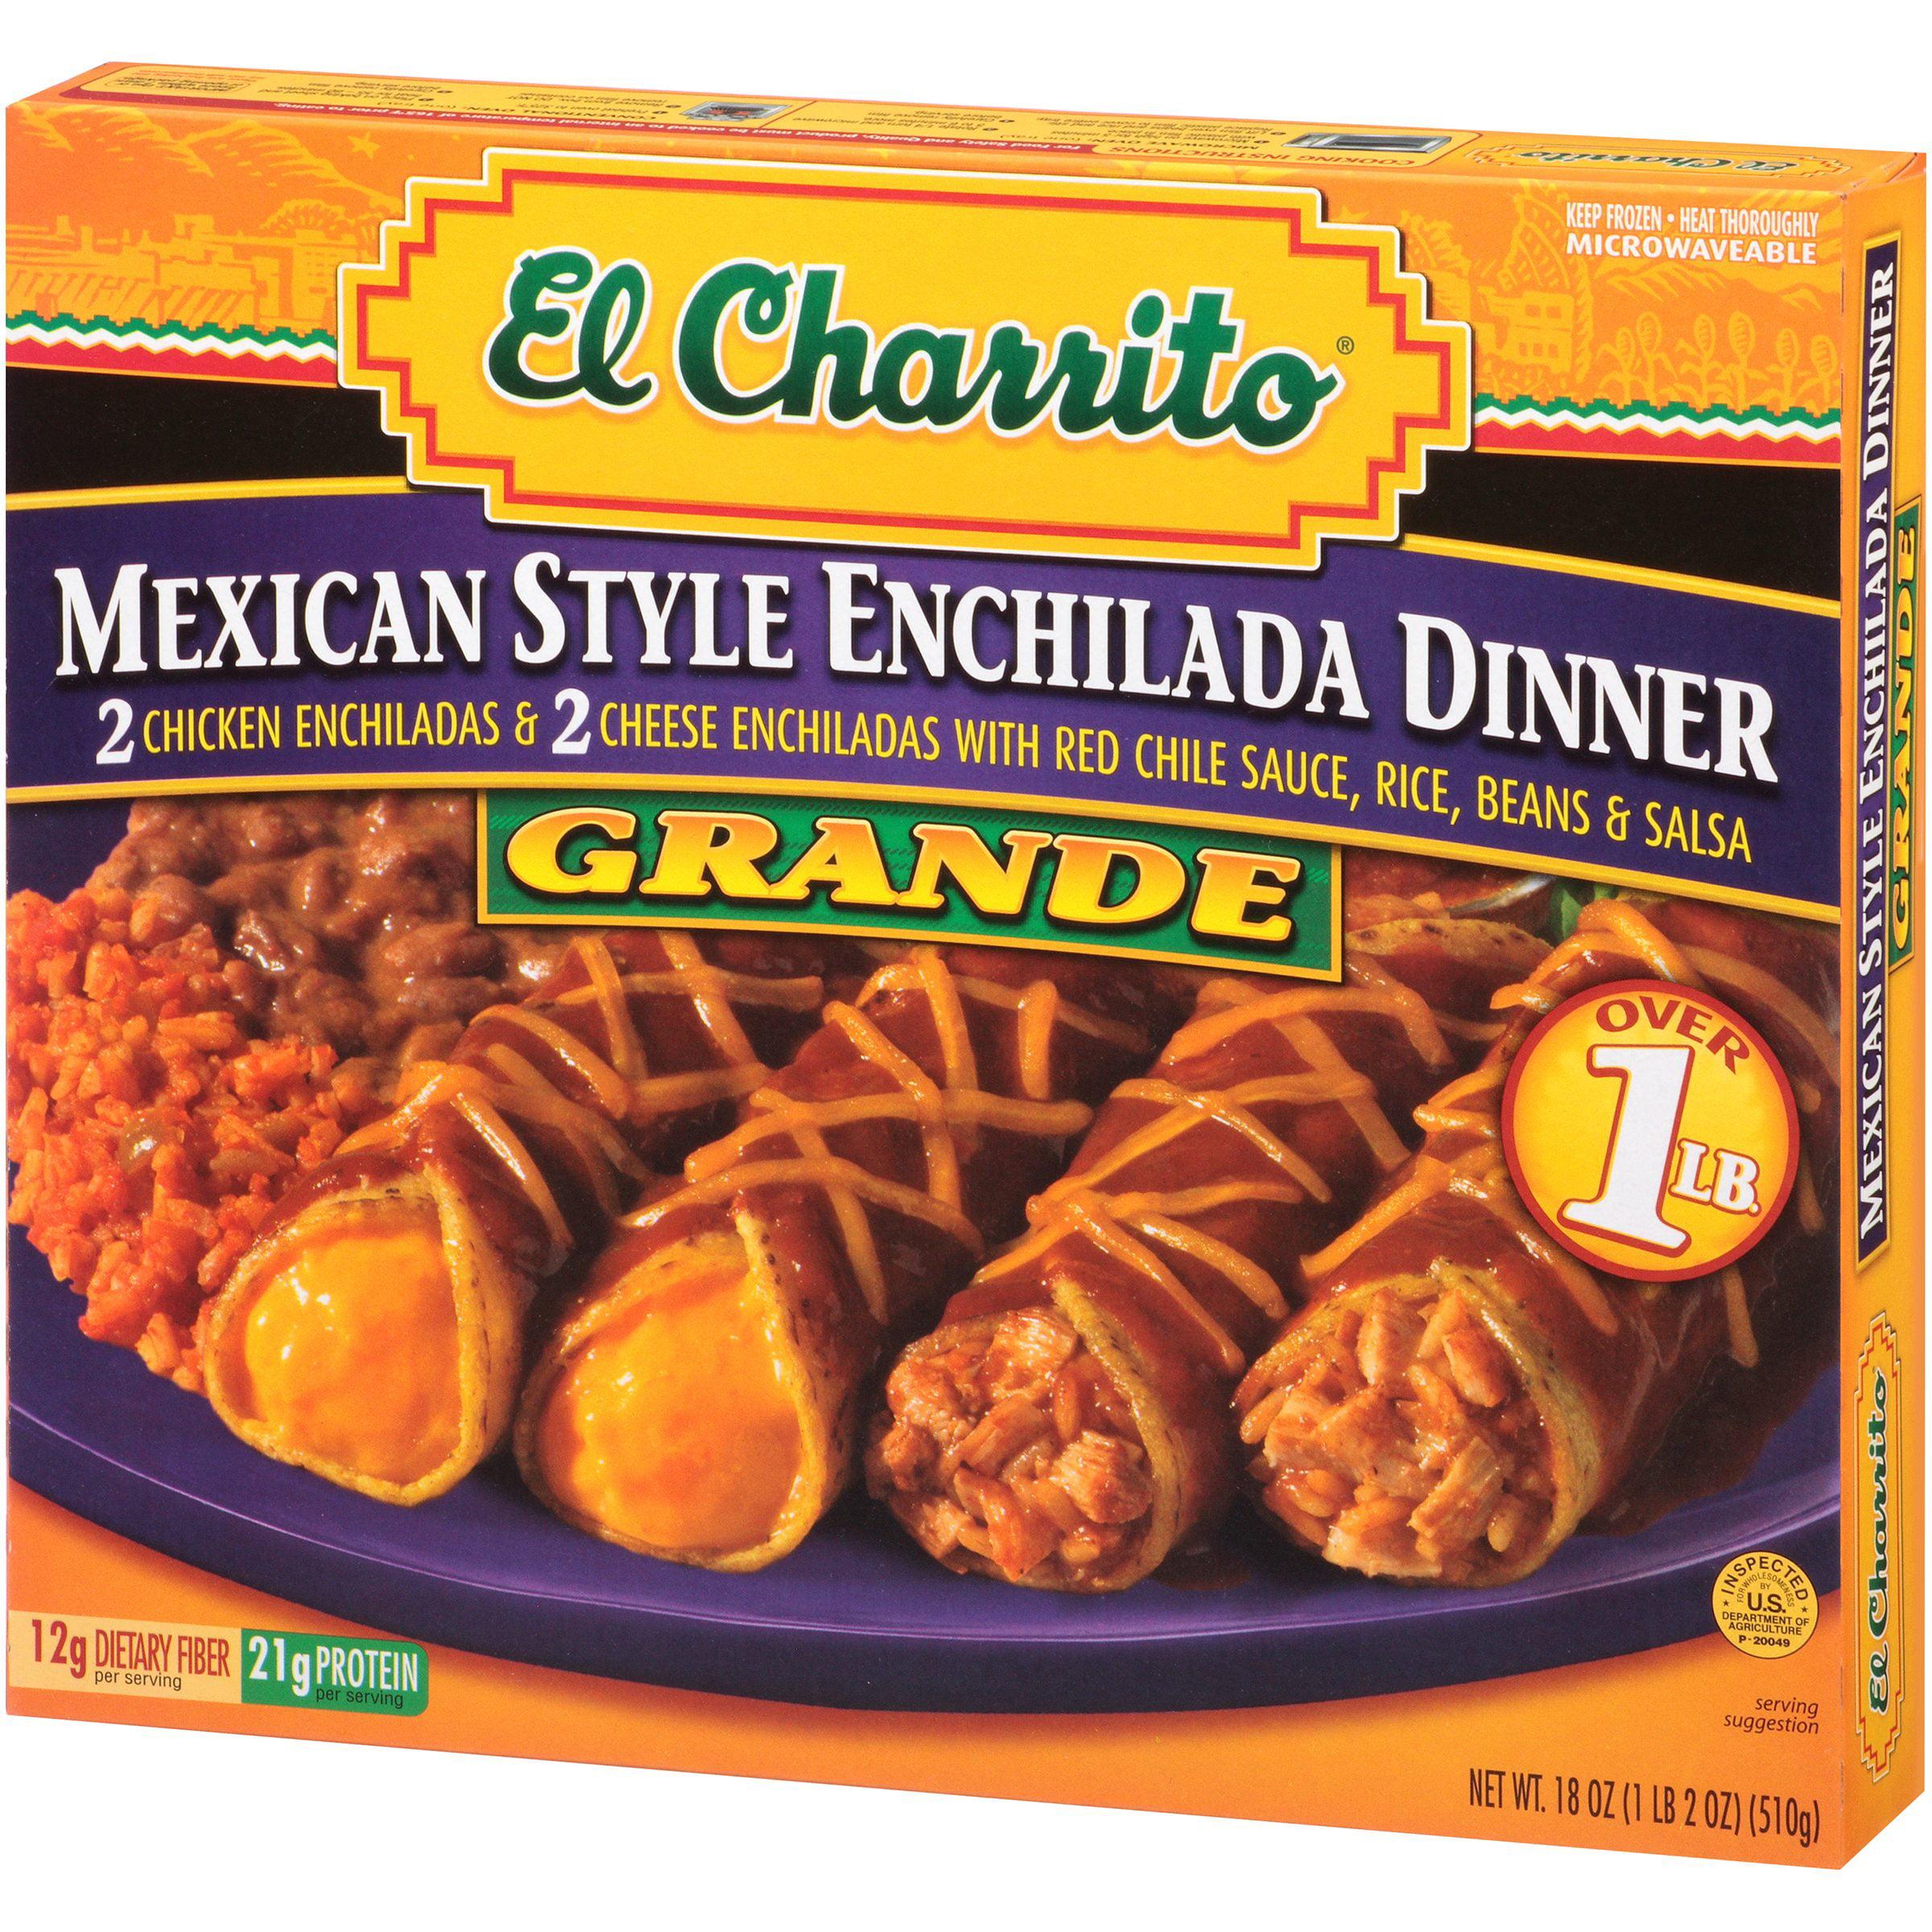 El Charrito® Grande Mexican Style Enchilada Dinner 18 Oz. Box   Walmart.com